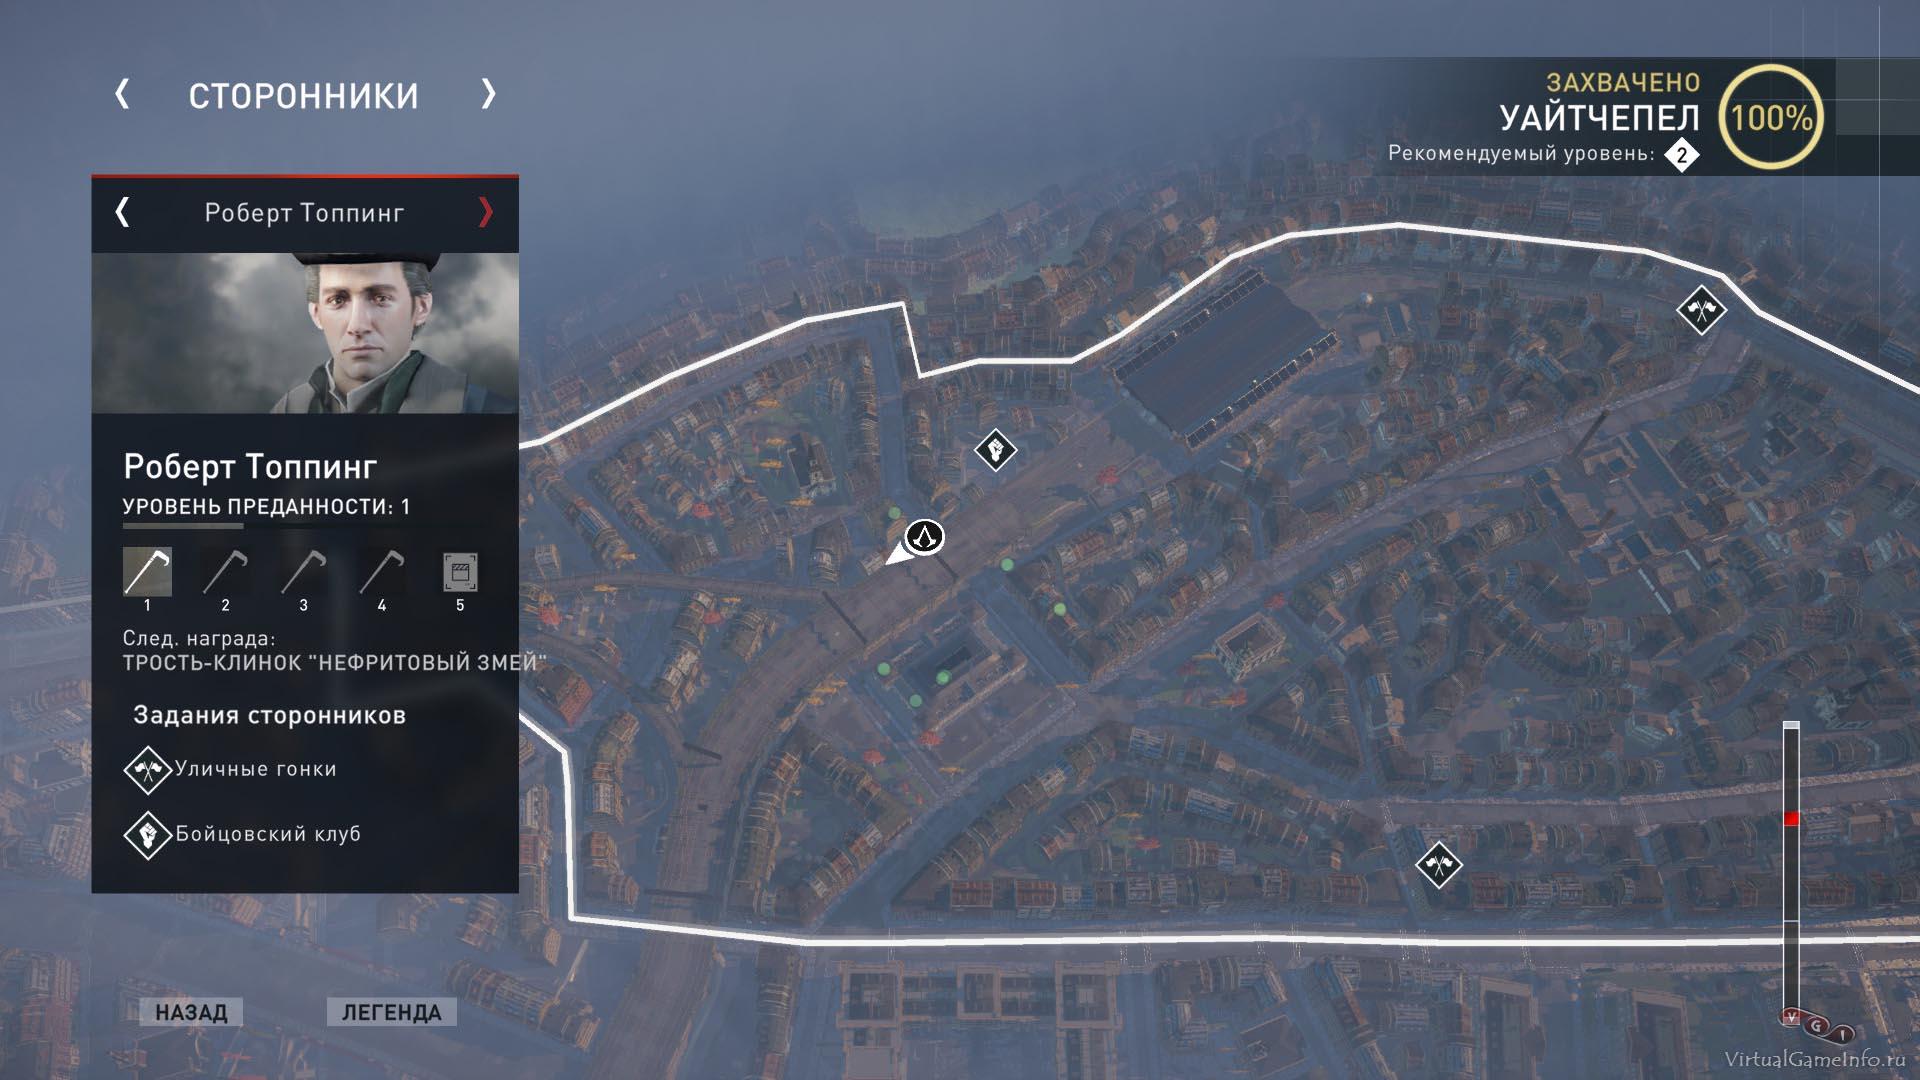 Посмотреть Уровень преданности Роберта Топпинга можно на экране Карты мира